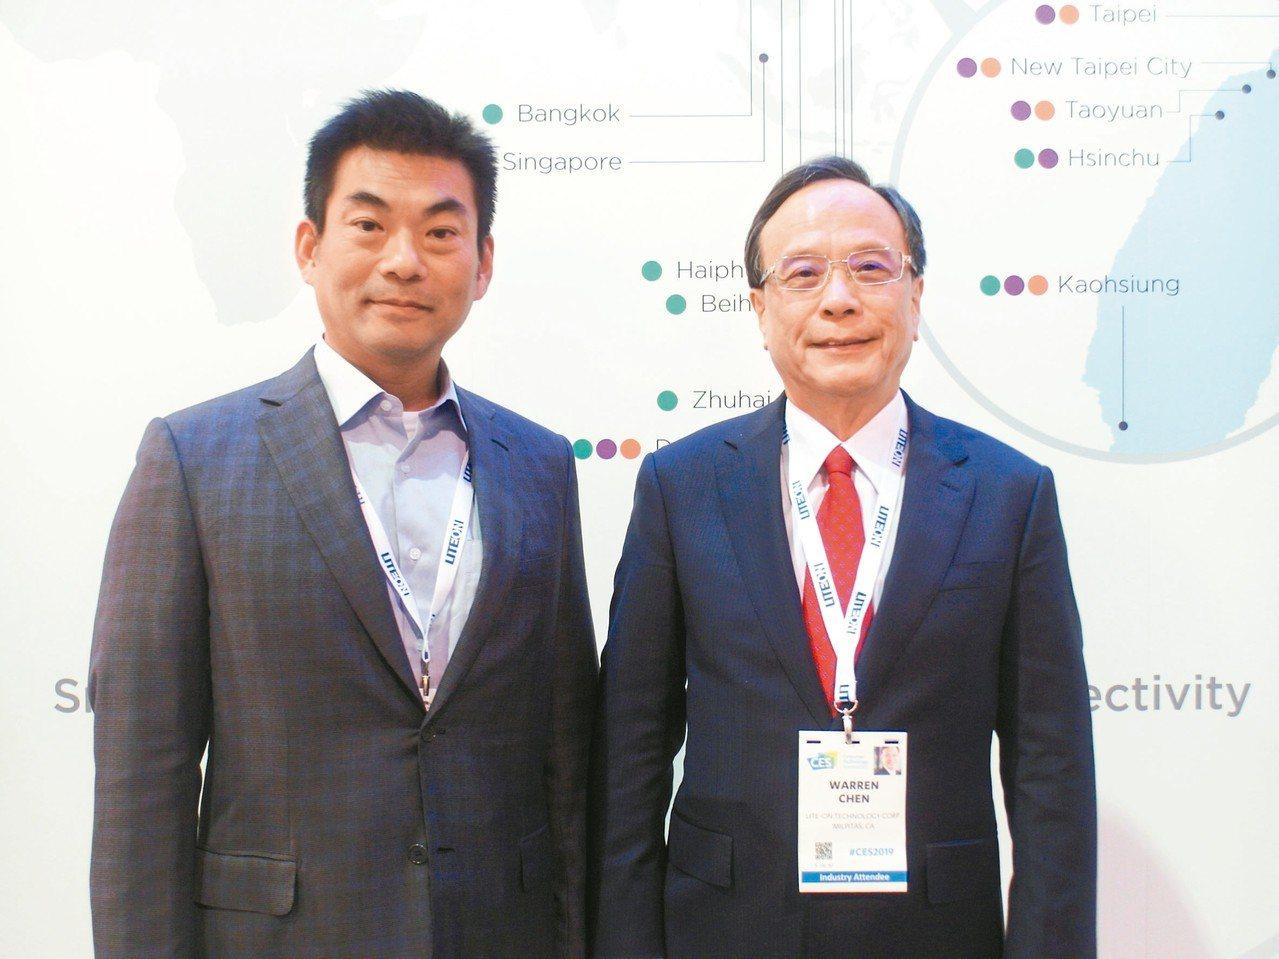 光寶智能生活與應用事業群執行長宋明峰(左)與總執行長陳廣中。 本報系資料庫